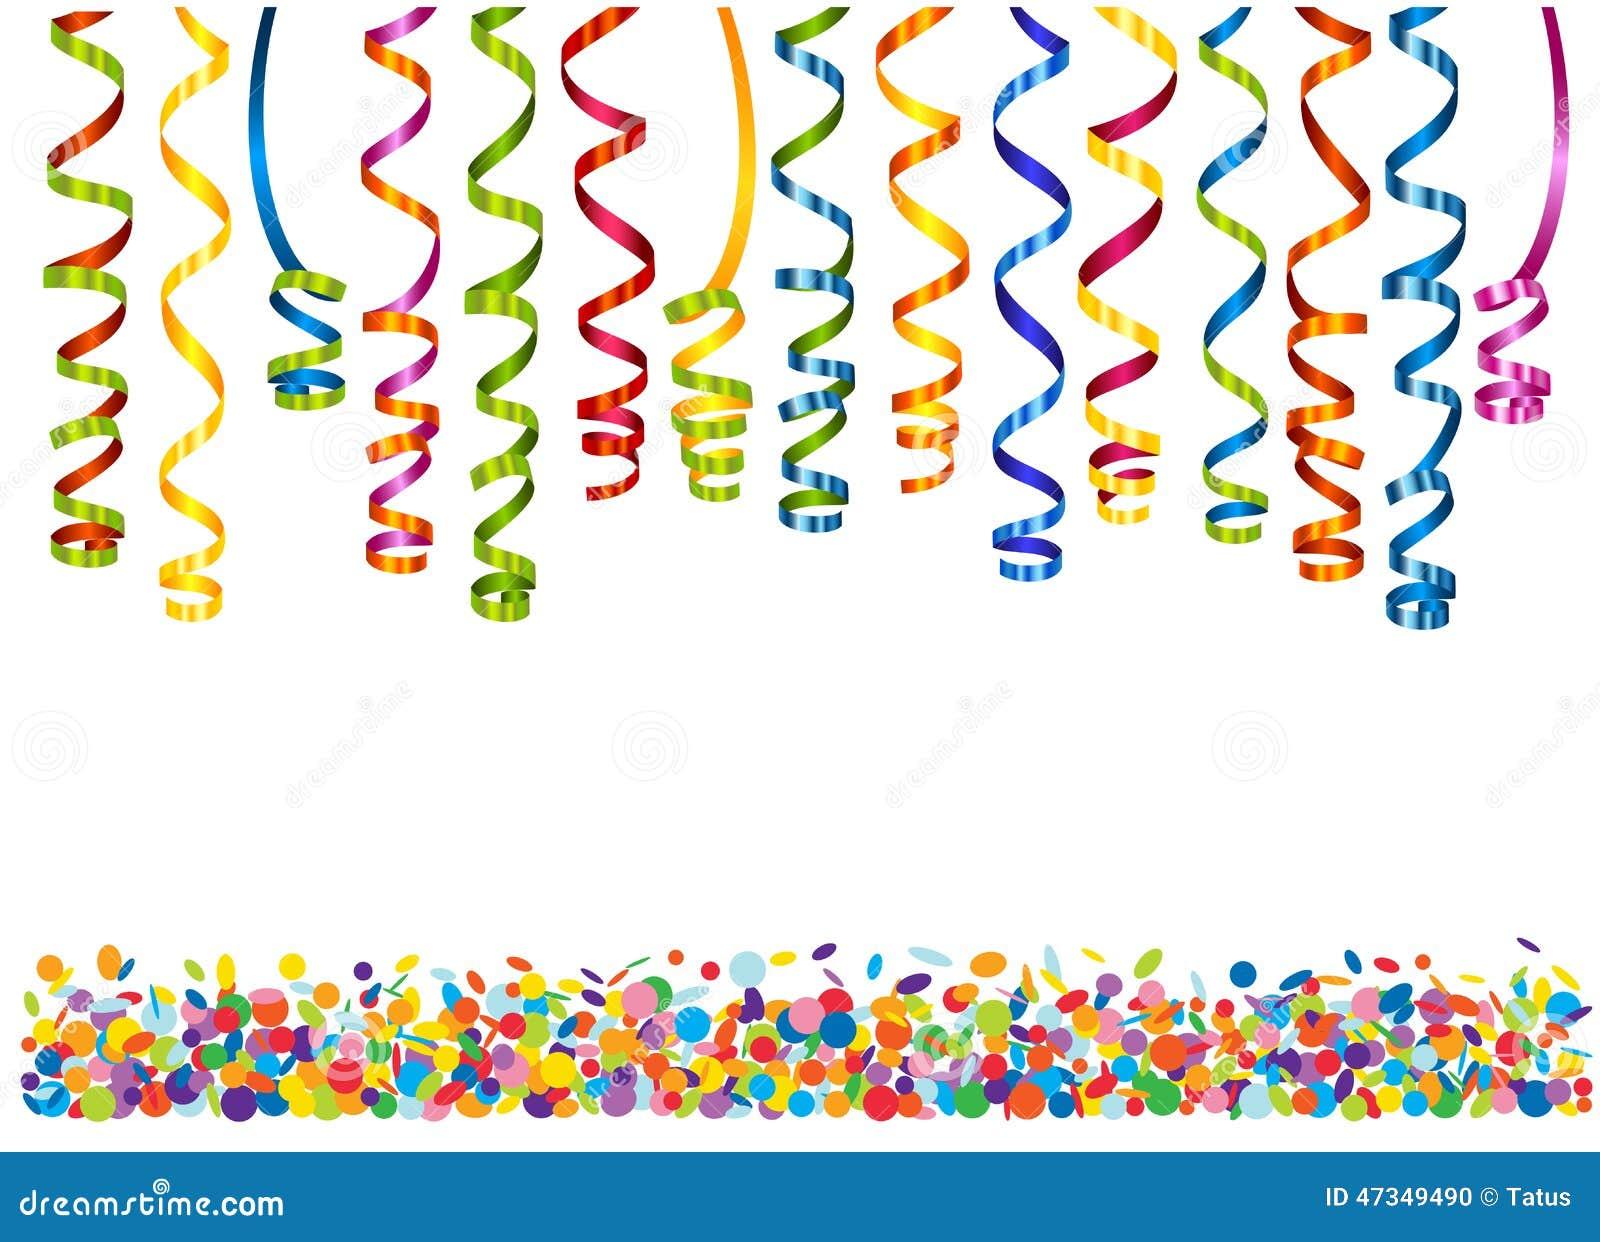 Kleurrijke kronkelweg met confettien